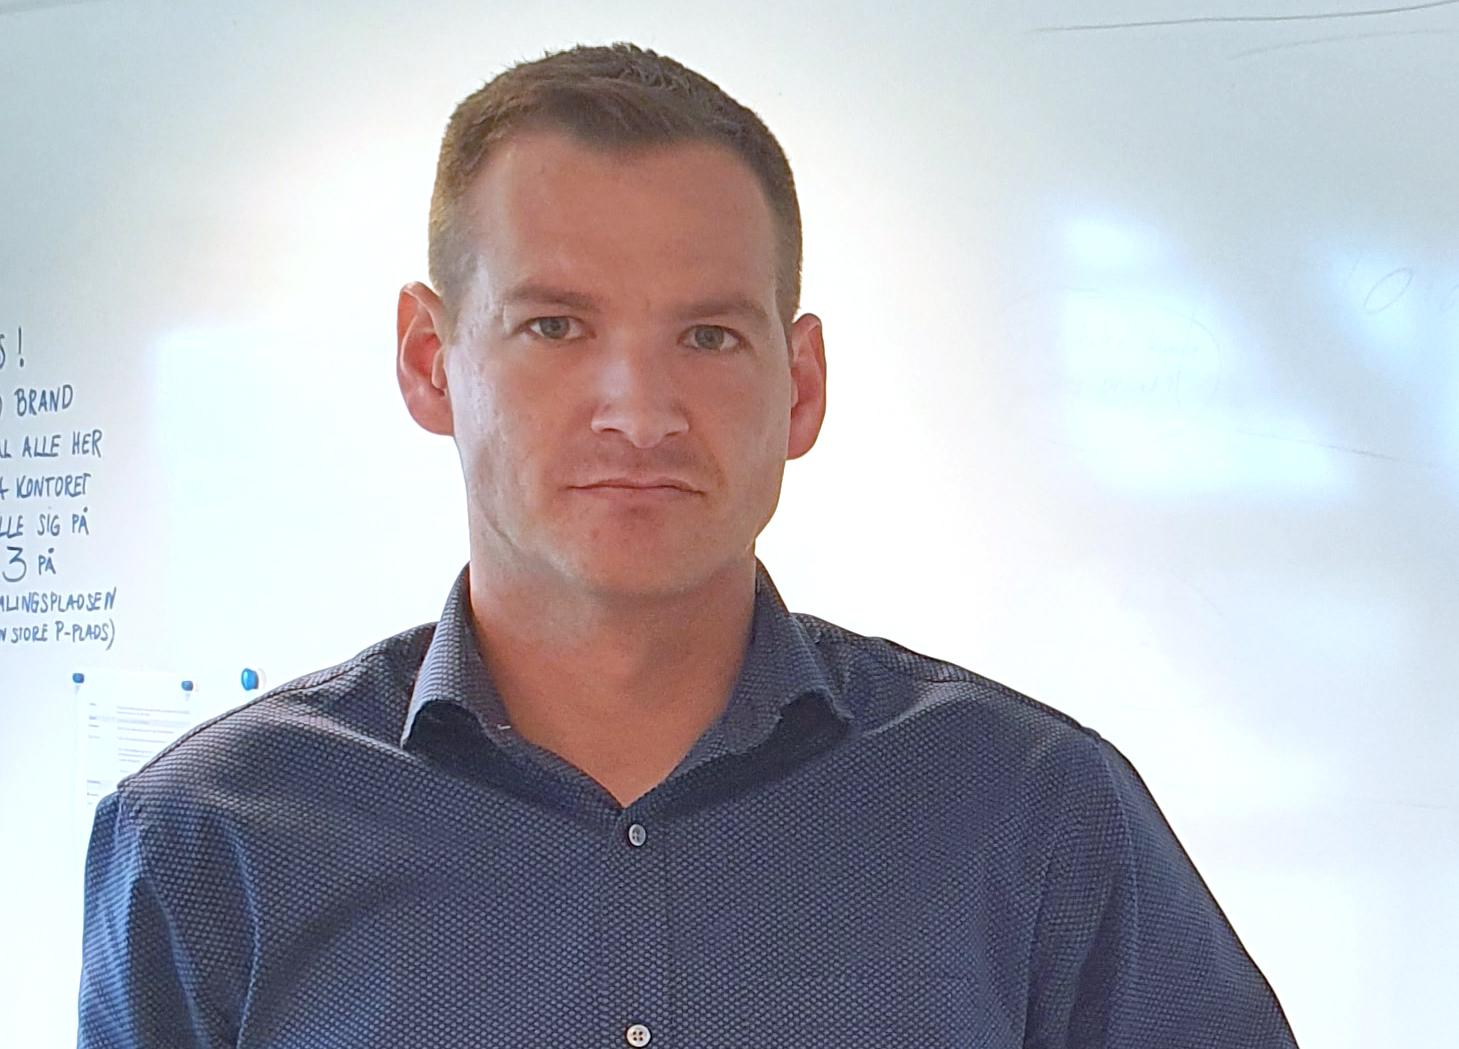 Anders Bærentzen